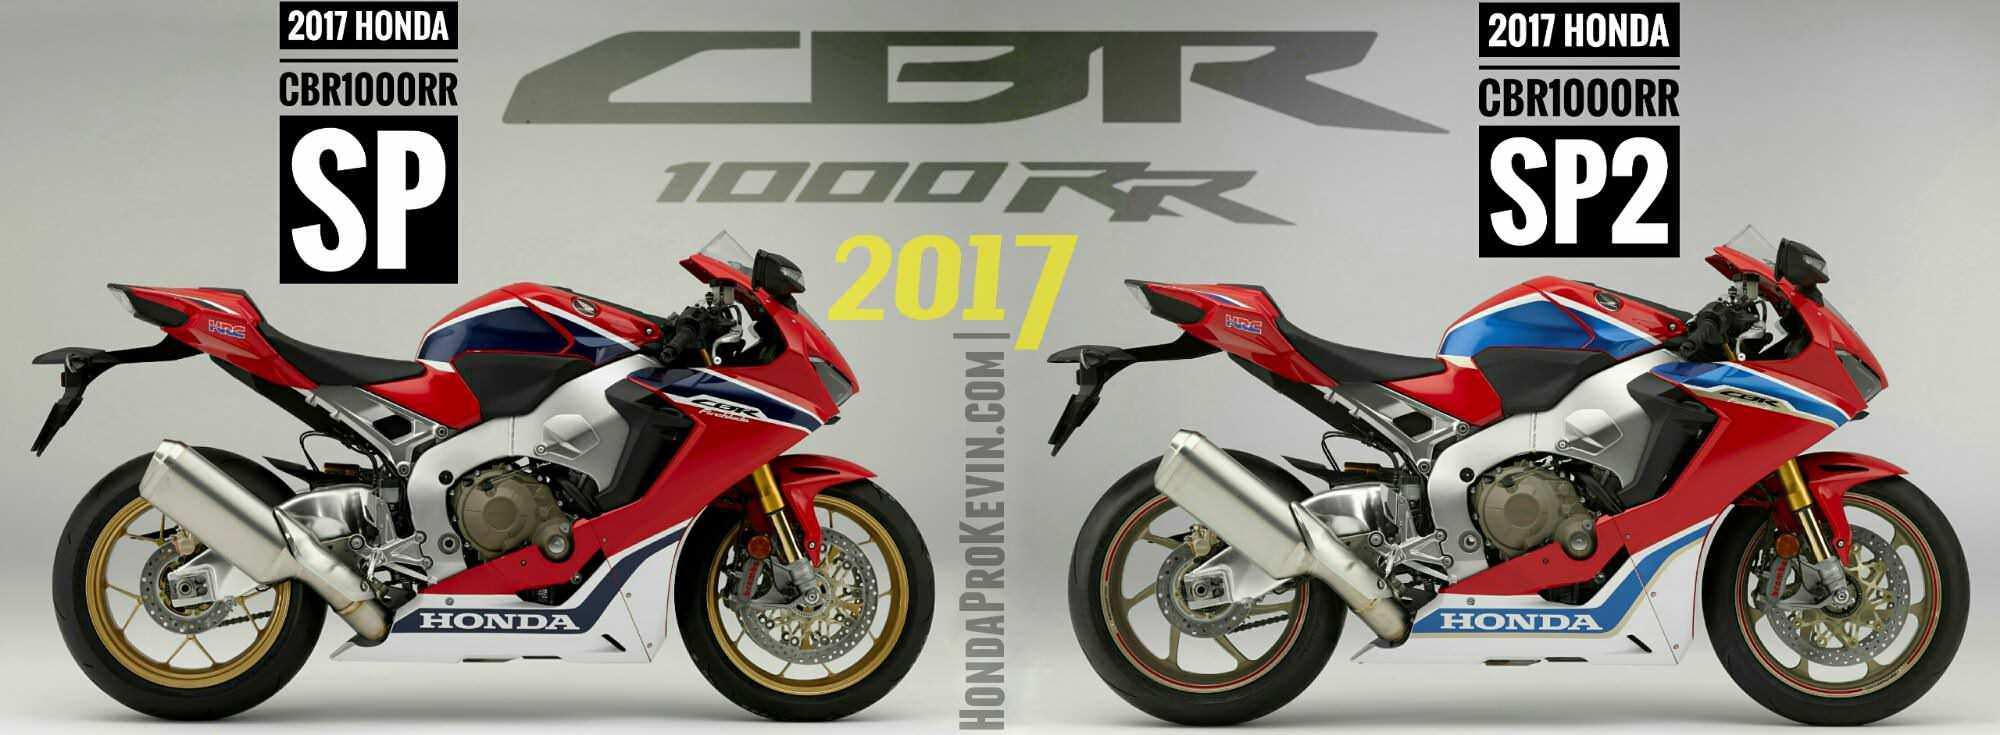 2017 CBR1000RR SP VS SP2 Comparison Review / Differences - CBR 1000 RR Sport Bike / Motorcycle Review & Specs